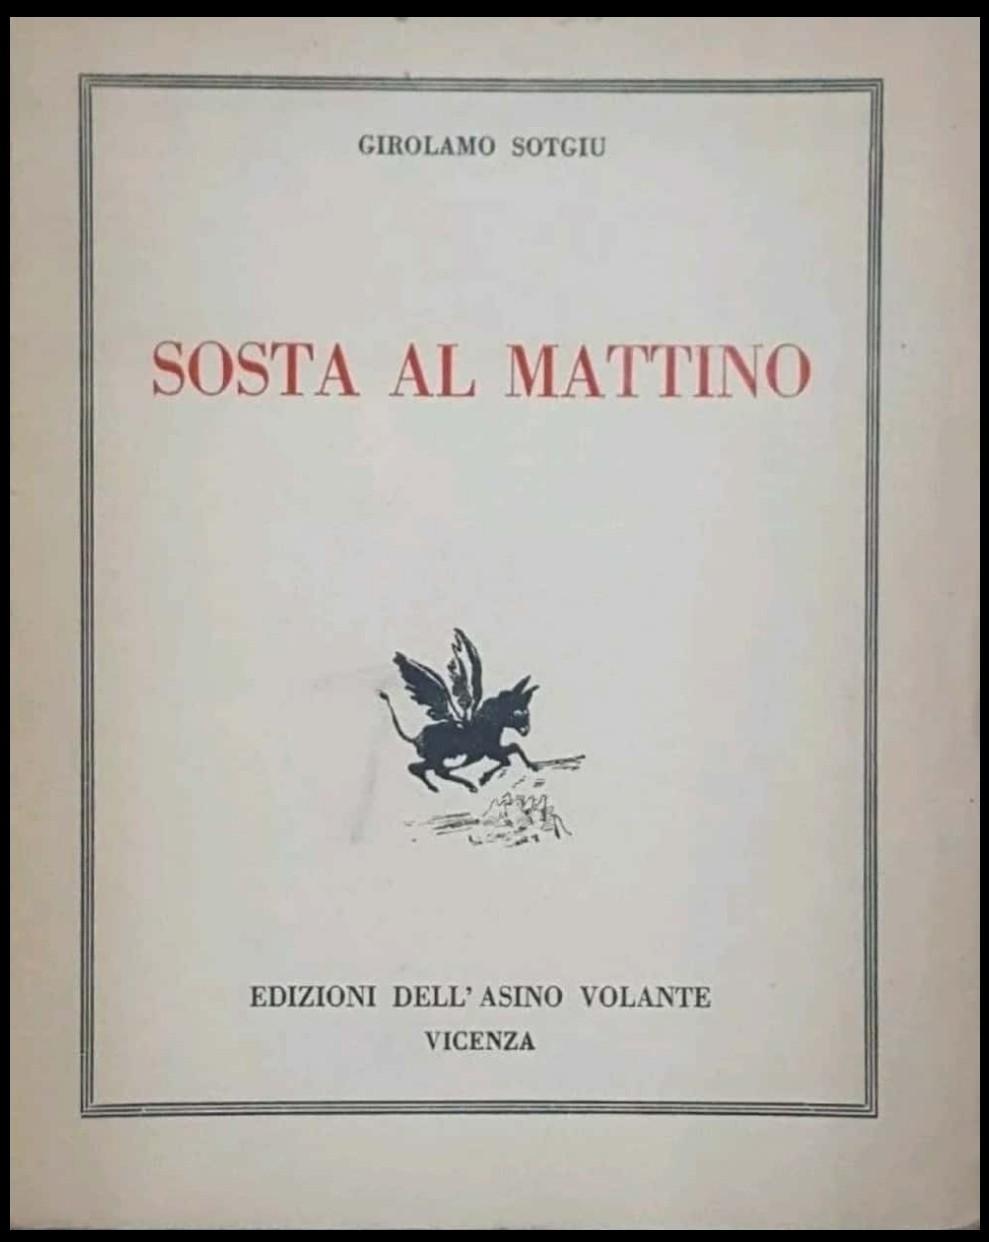 """""""Sosta al mattino"""" di Girolamo Sotgiu (Edizioni dell'asino volante, 1939): Neri Pozza incunabula"""